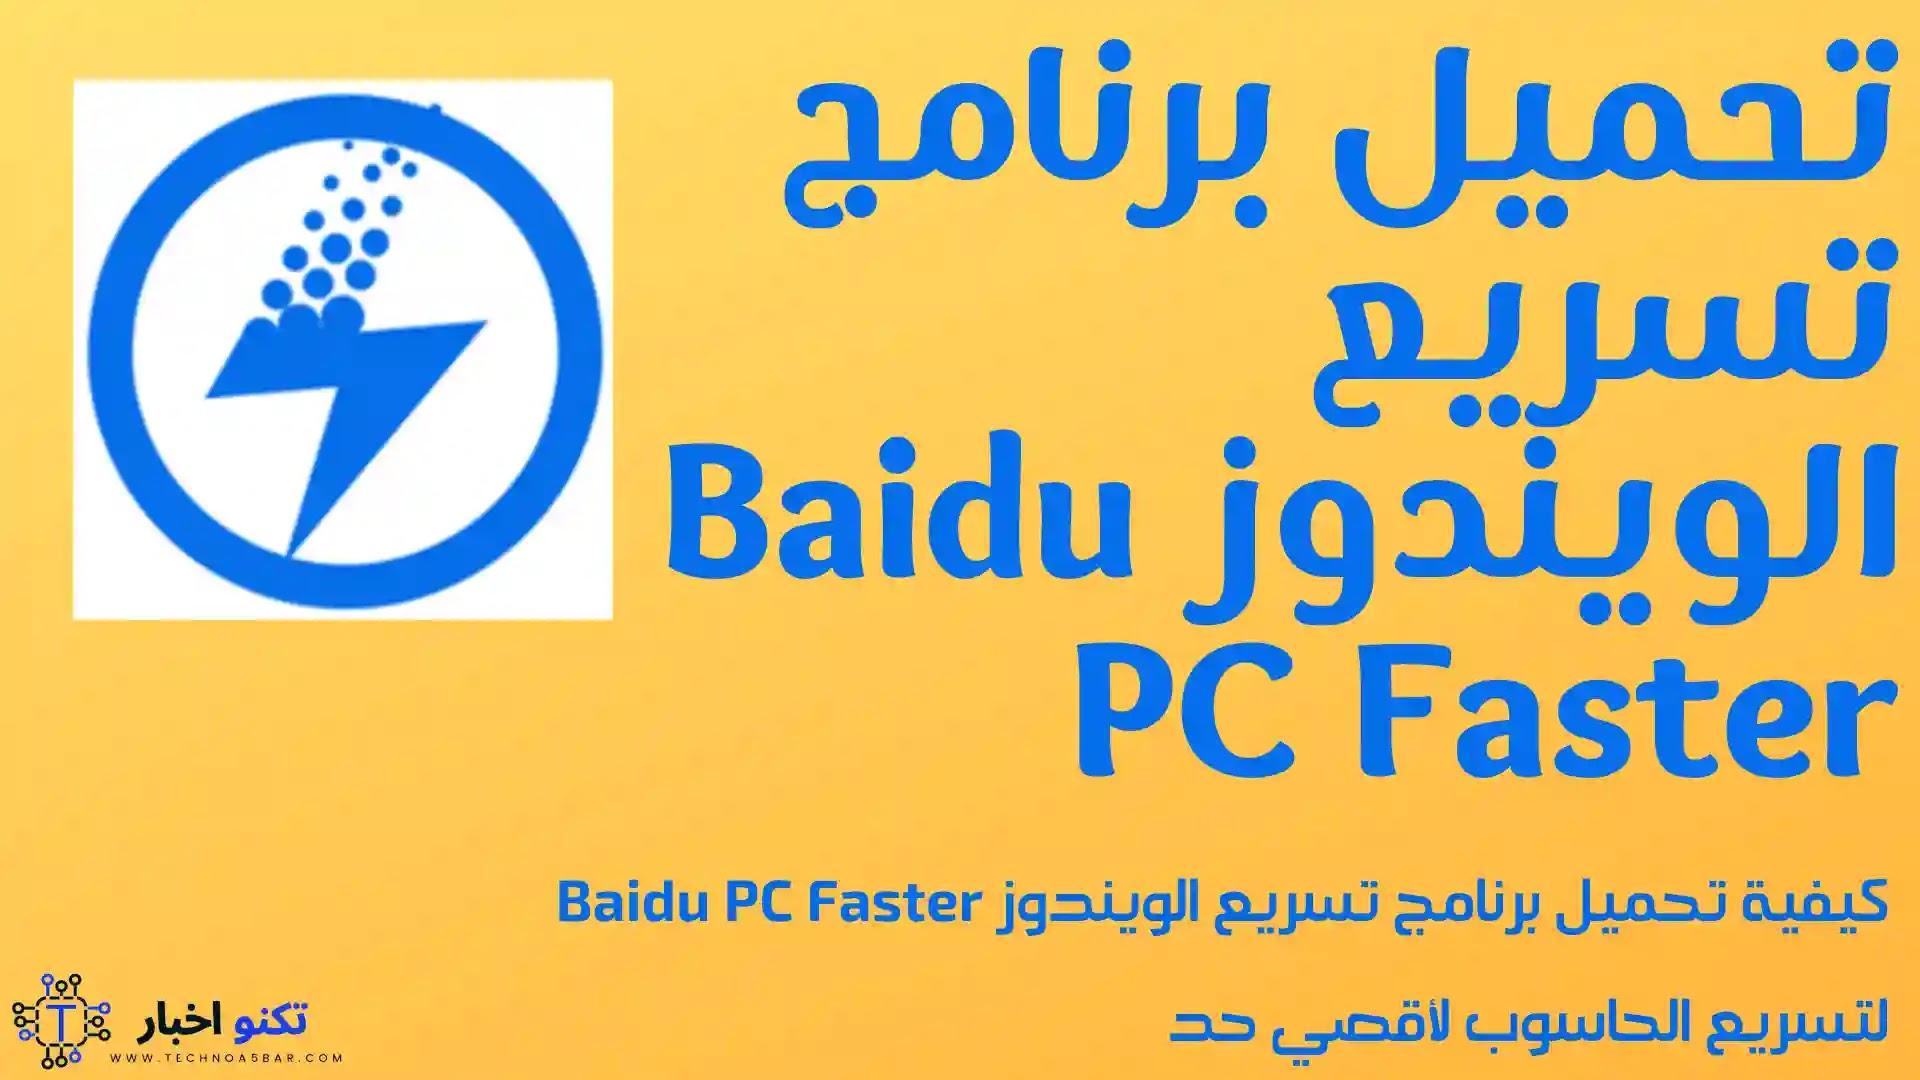 تحميل برنامج تسريع الويندوز Baidu PC Faster اخر اصدار مجانا